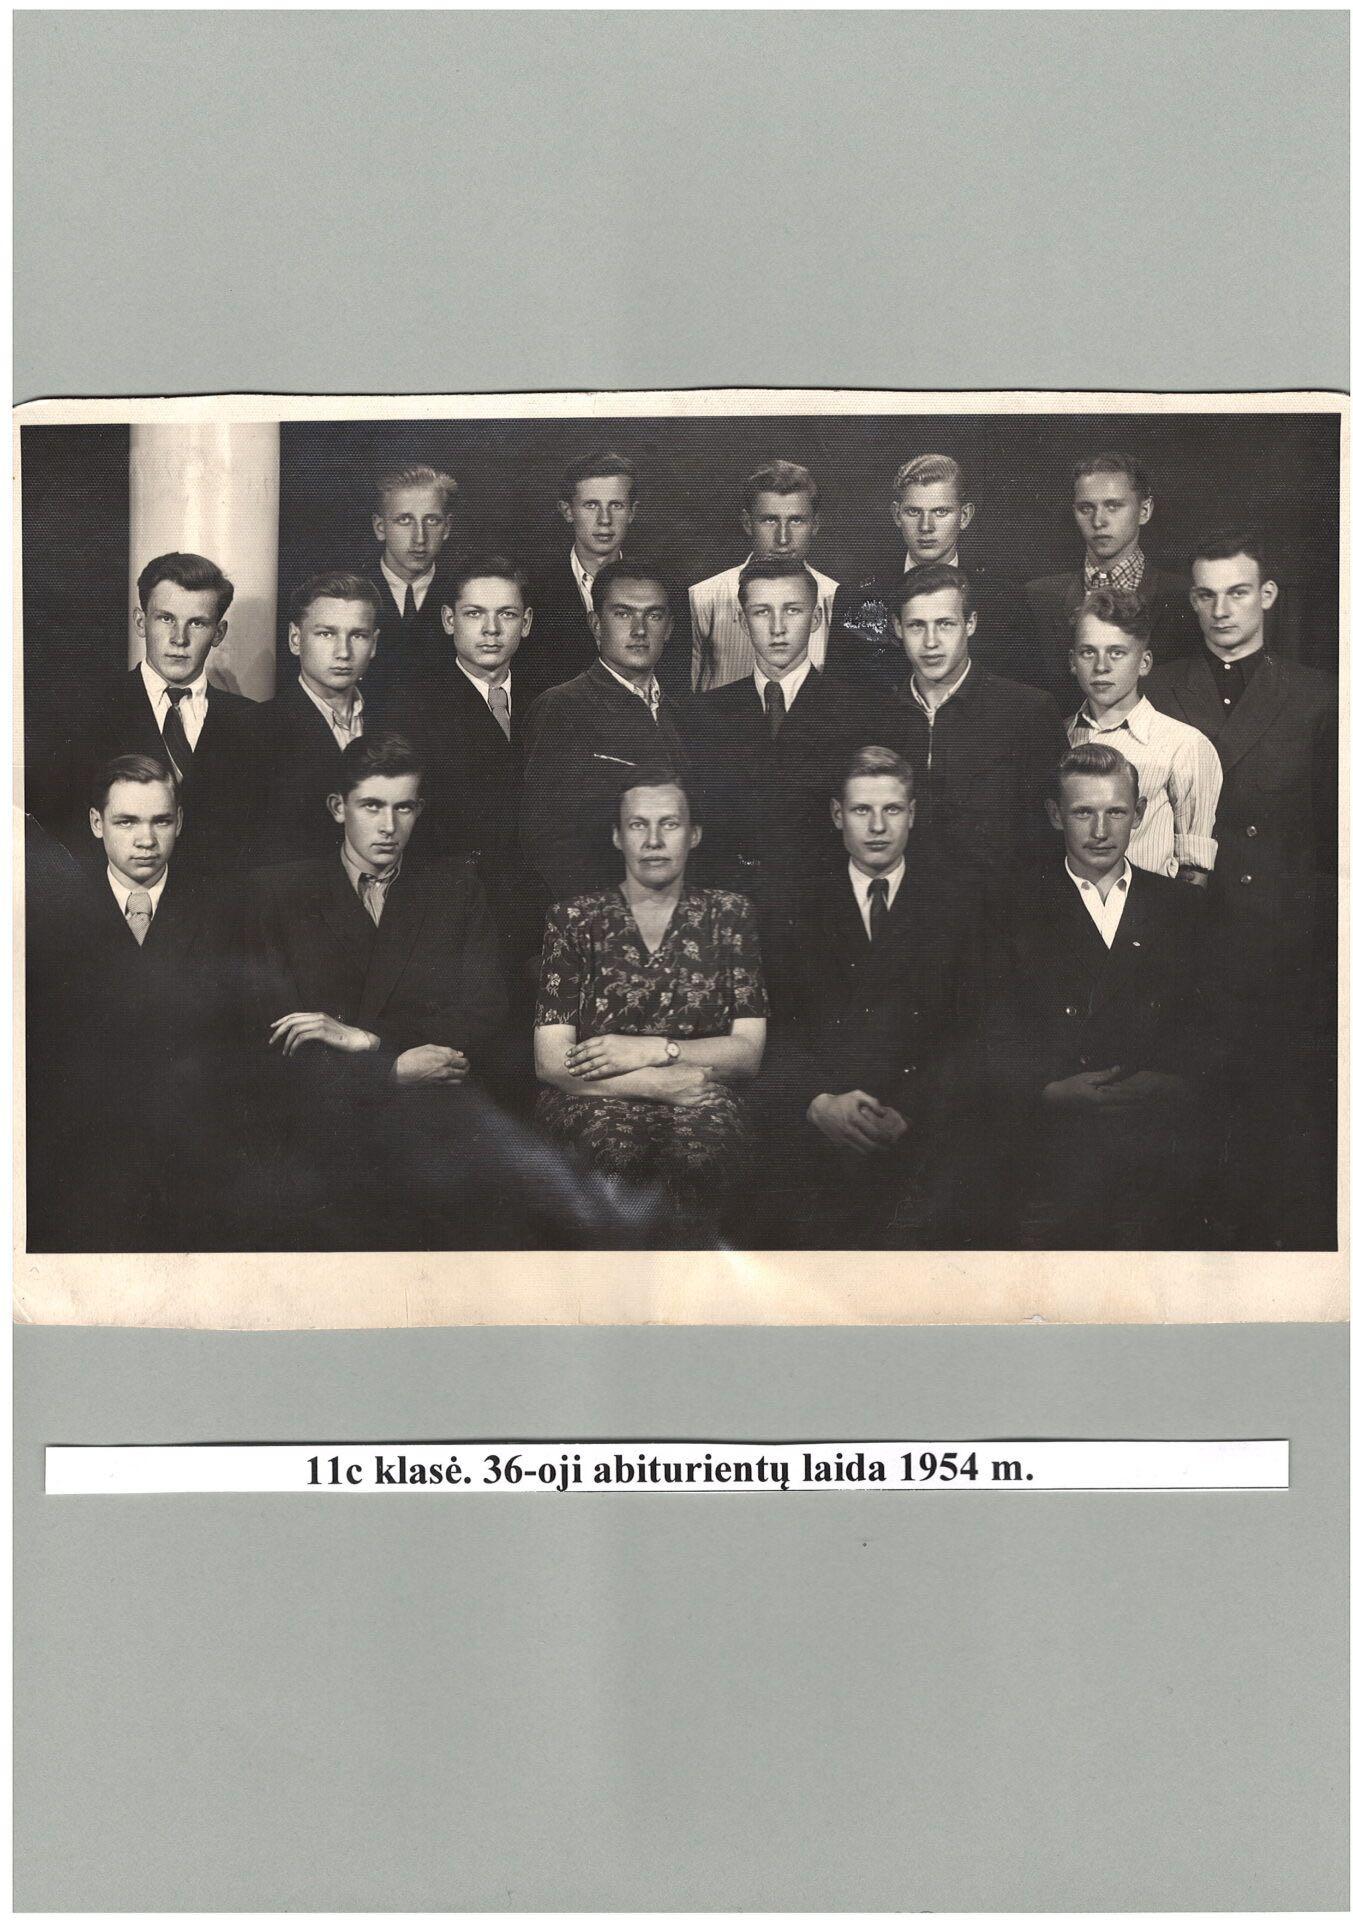 36-oji laida 1954 m.